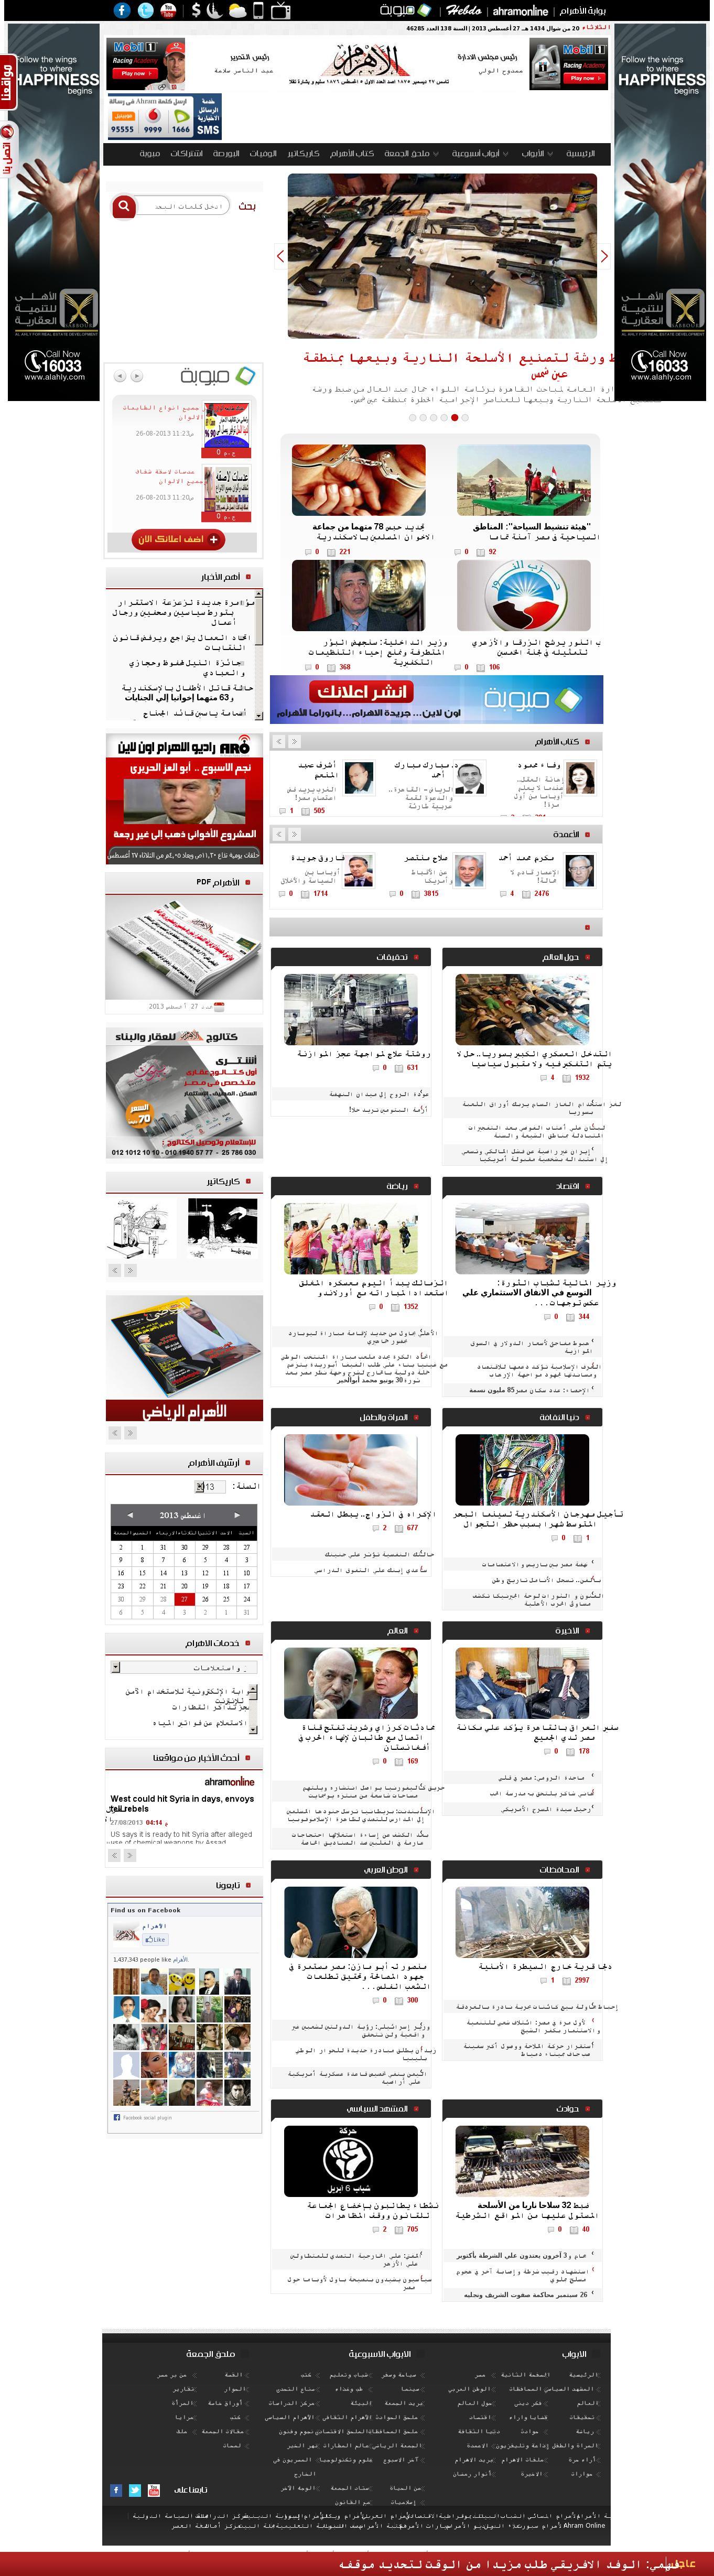 Al-Ahram at Tuesday Aug. 27, 2013, 3 p.m. UTC